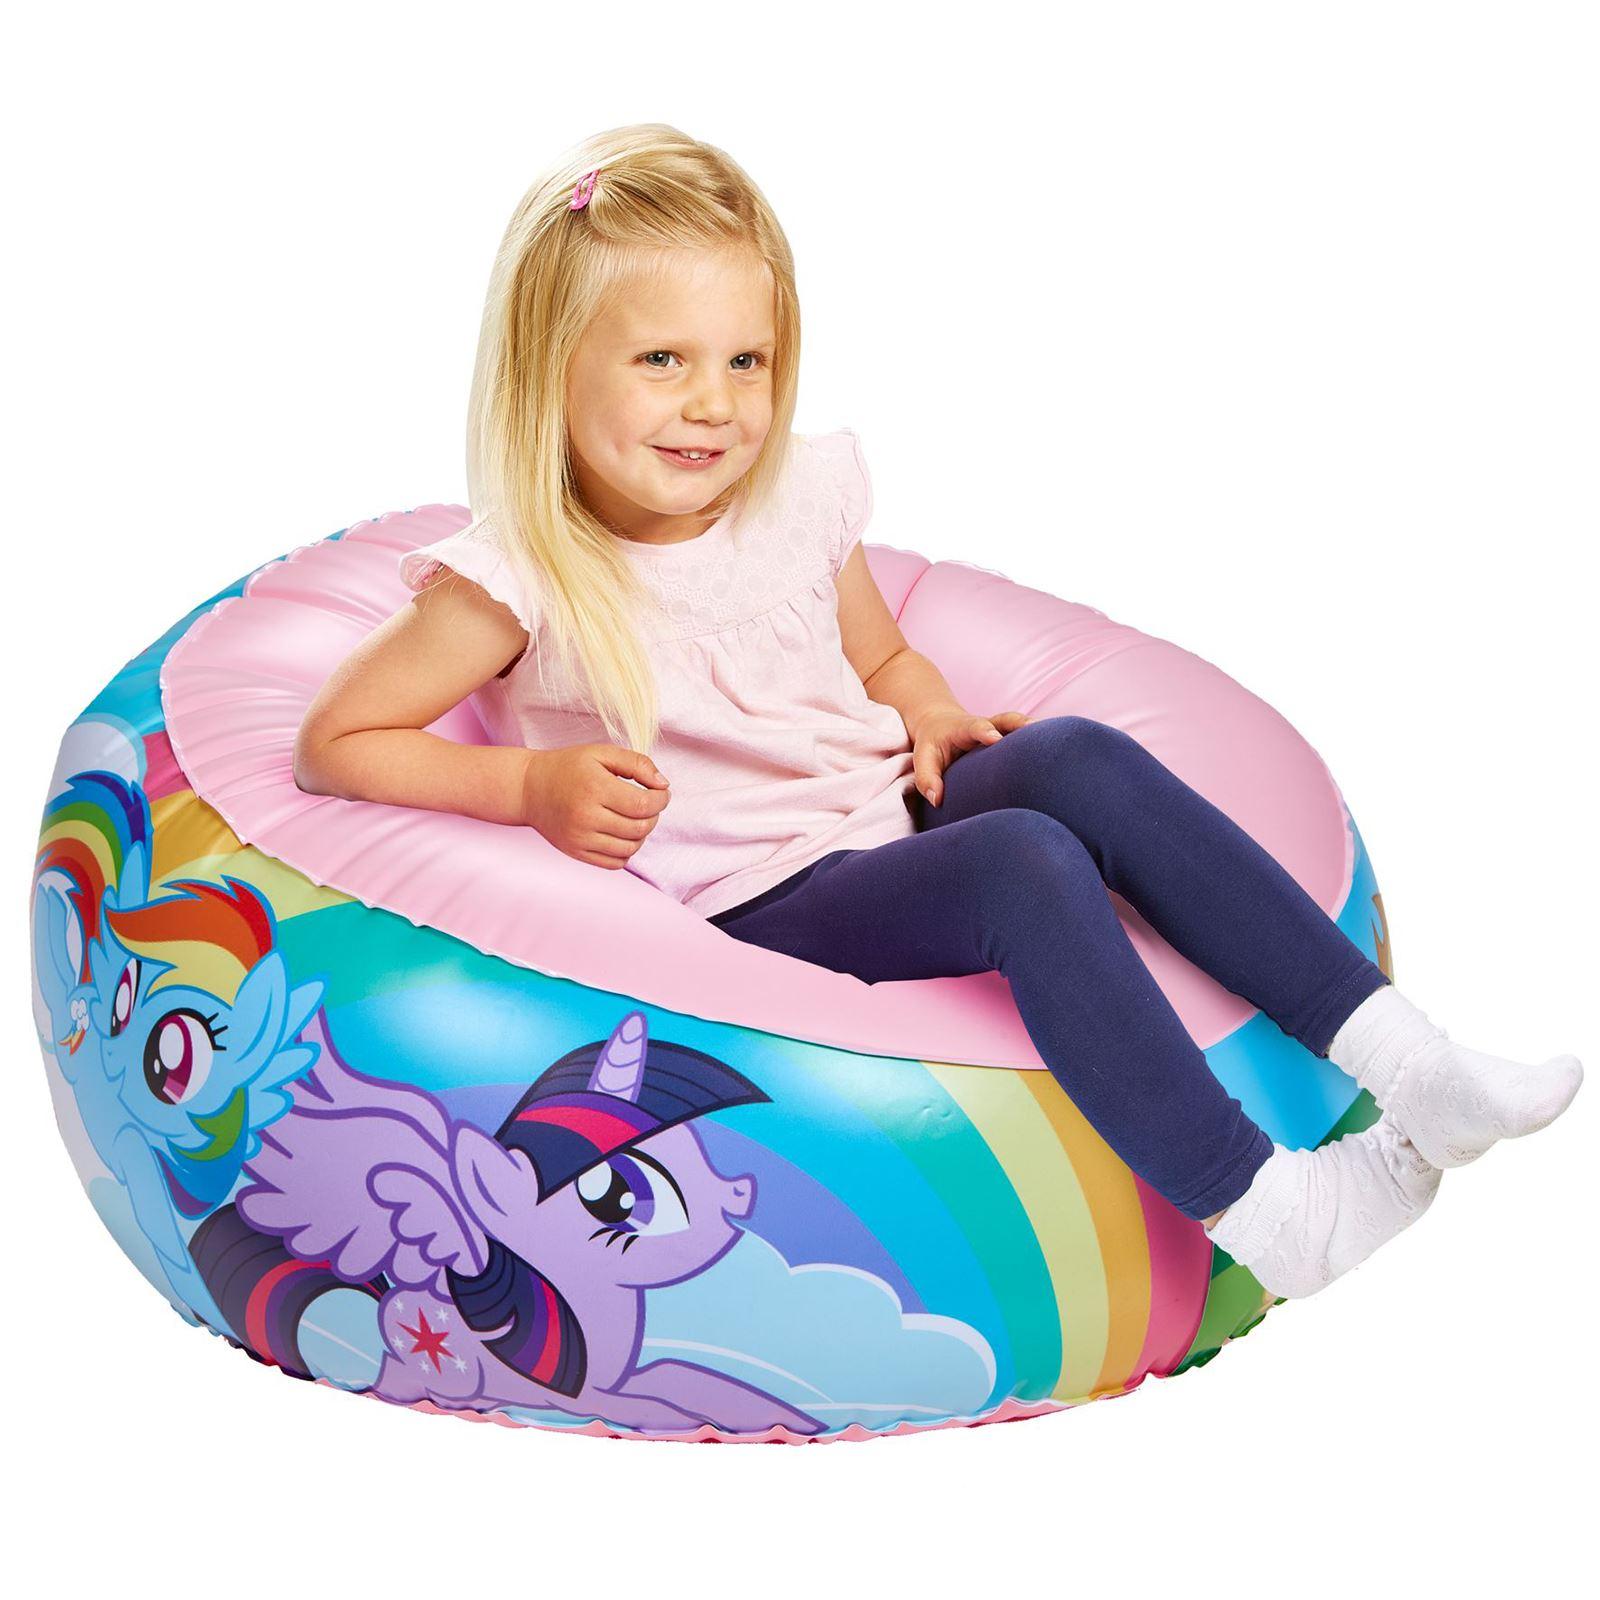 Indexbild 10 - Kinder Aufblasbarer Sessel - PAW PATROL, My LIttle Pony, Star Wars, Toy Story